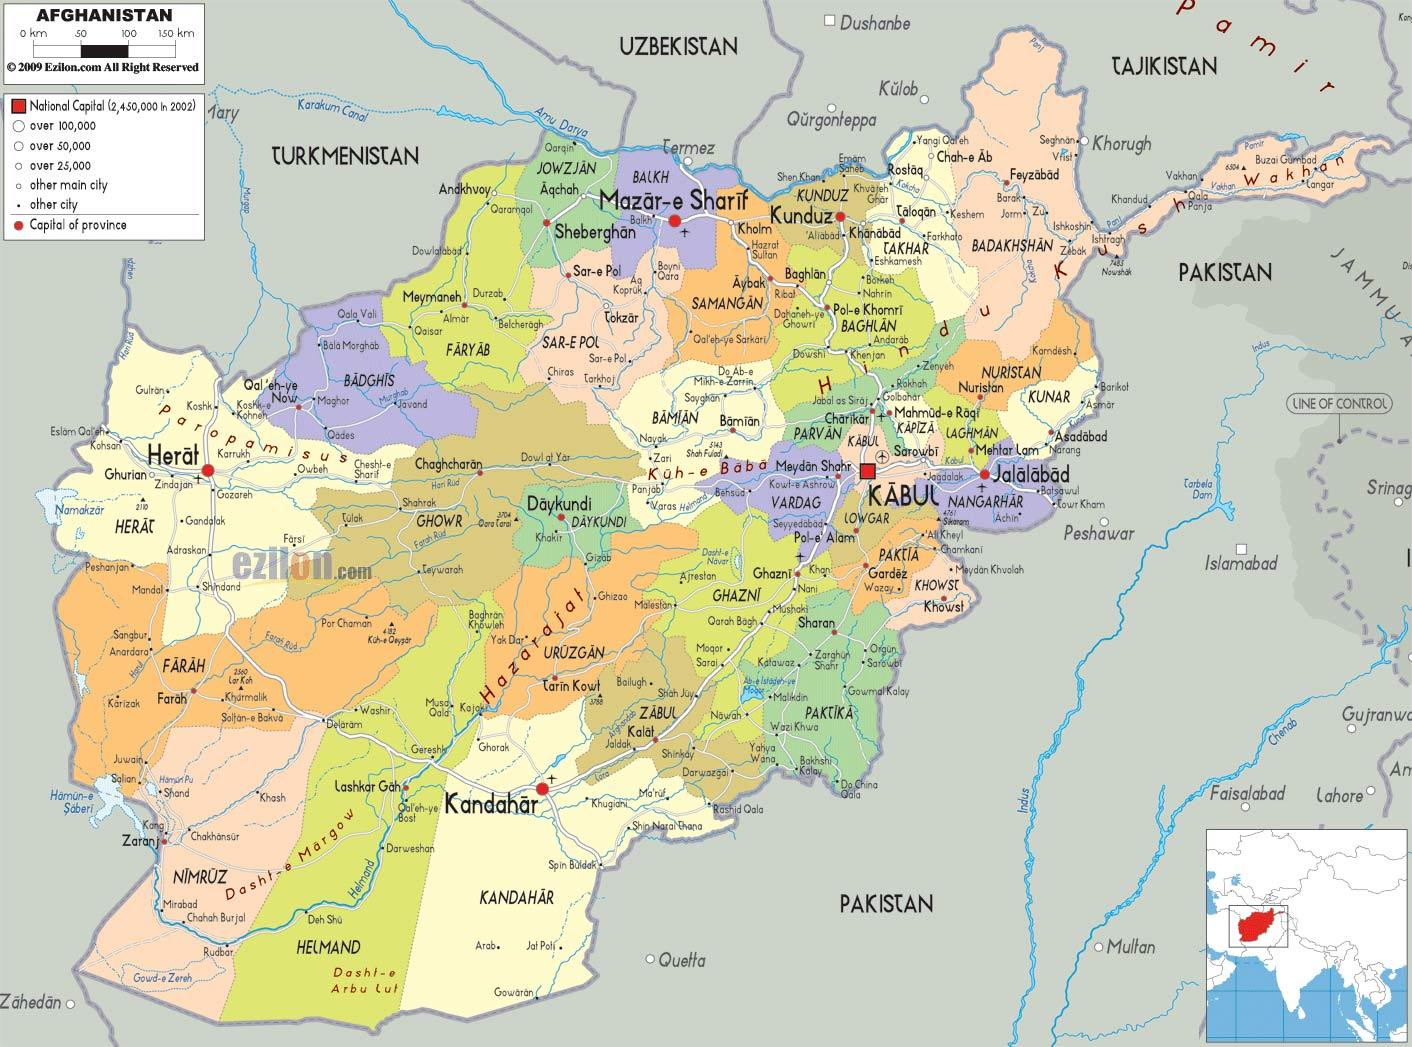 Videos de Combate Contra Talibas no Afeganistao por Ben Anderson na VBS.tv 2